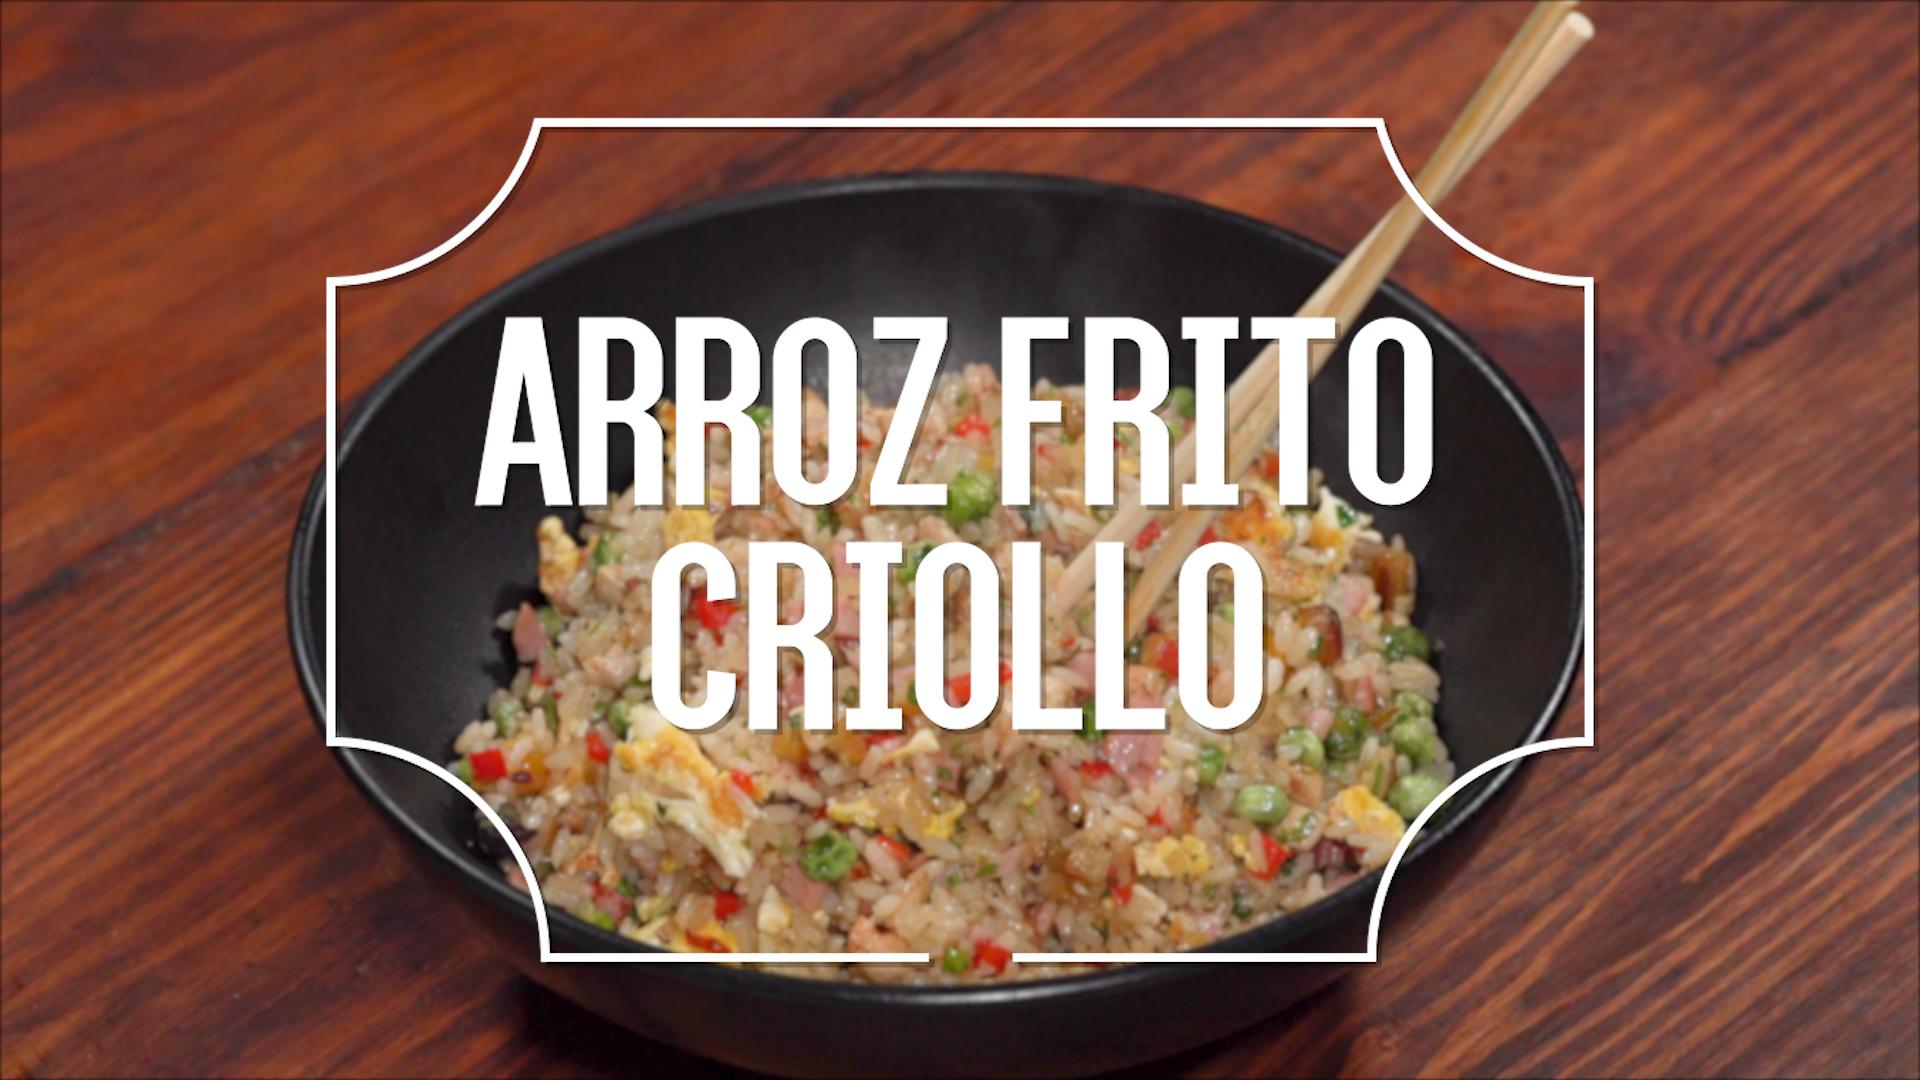 Receta del día: Arroz frito criollo